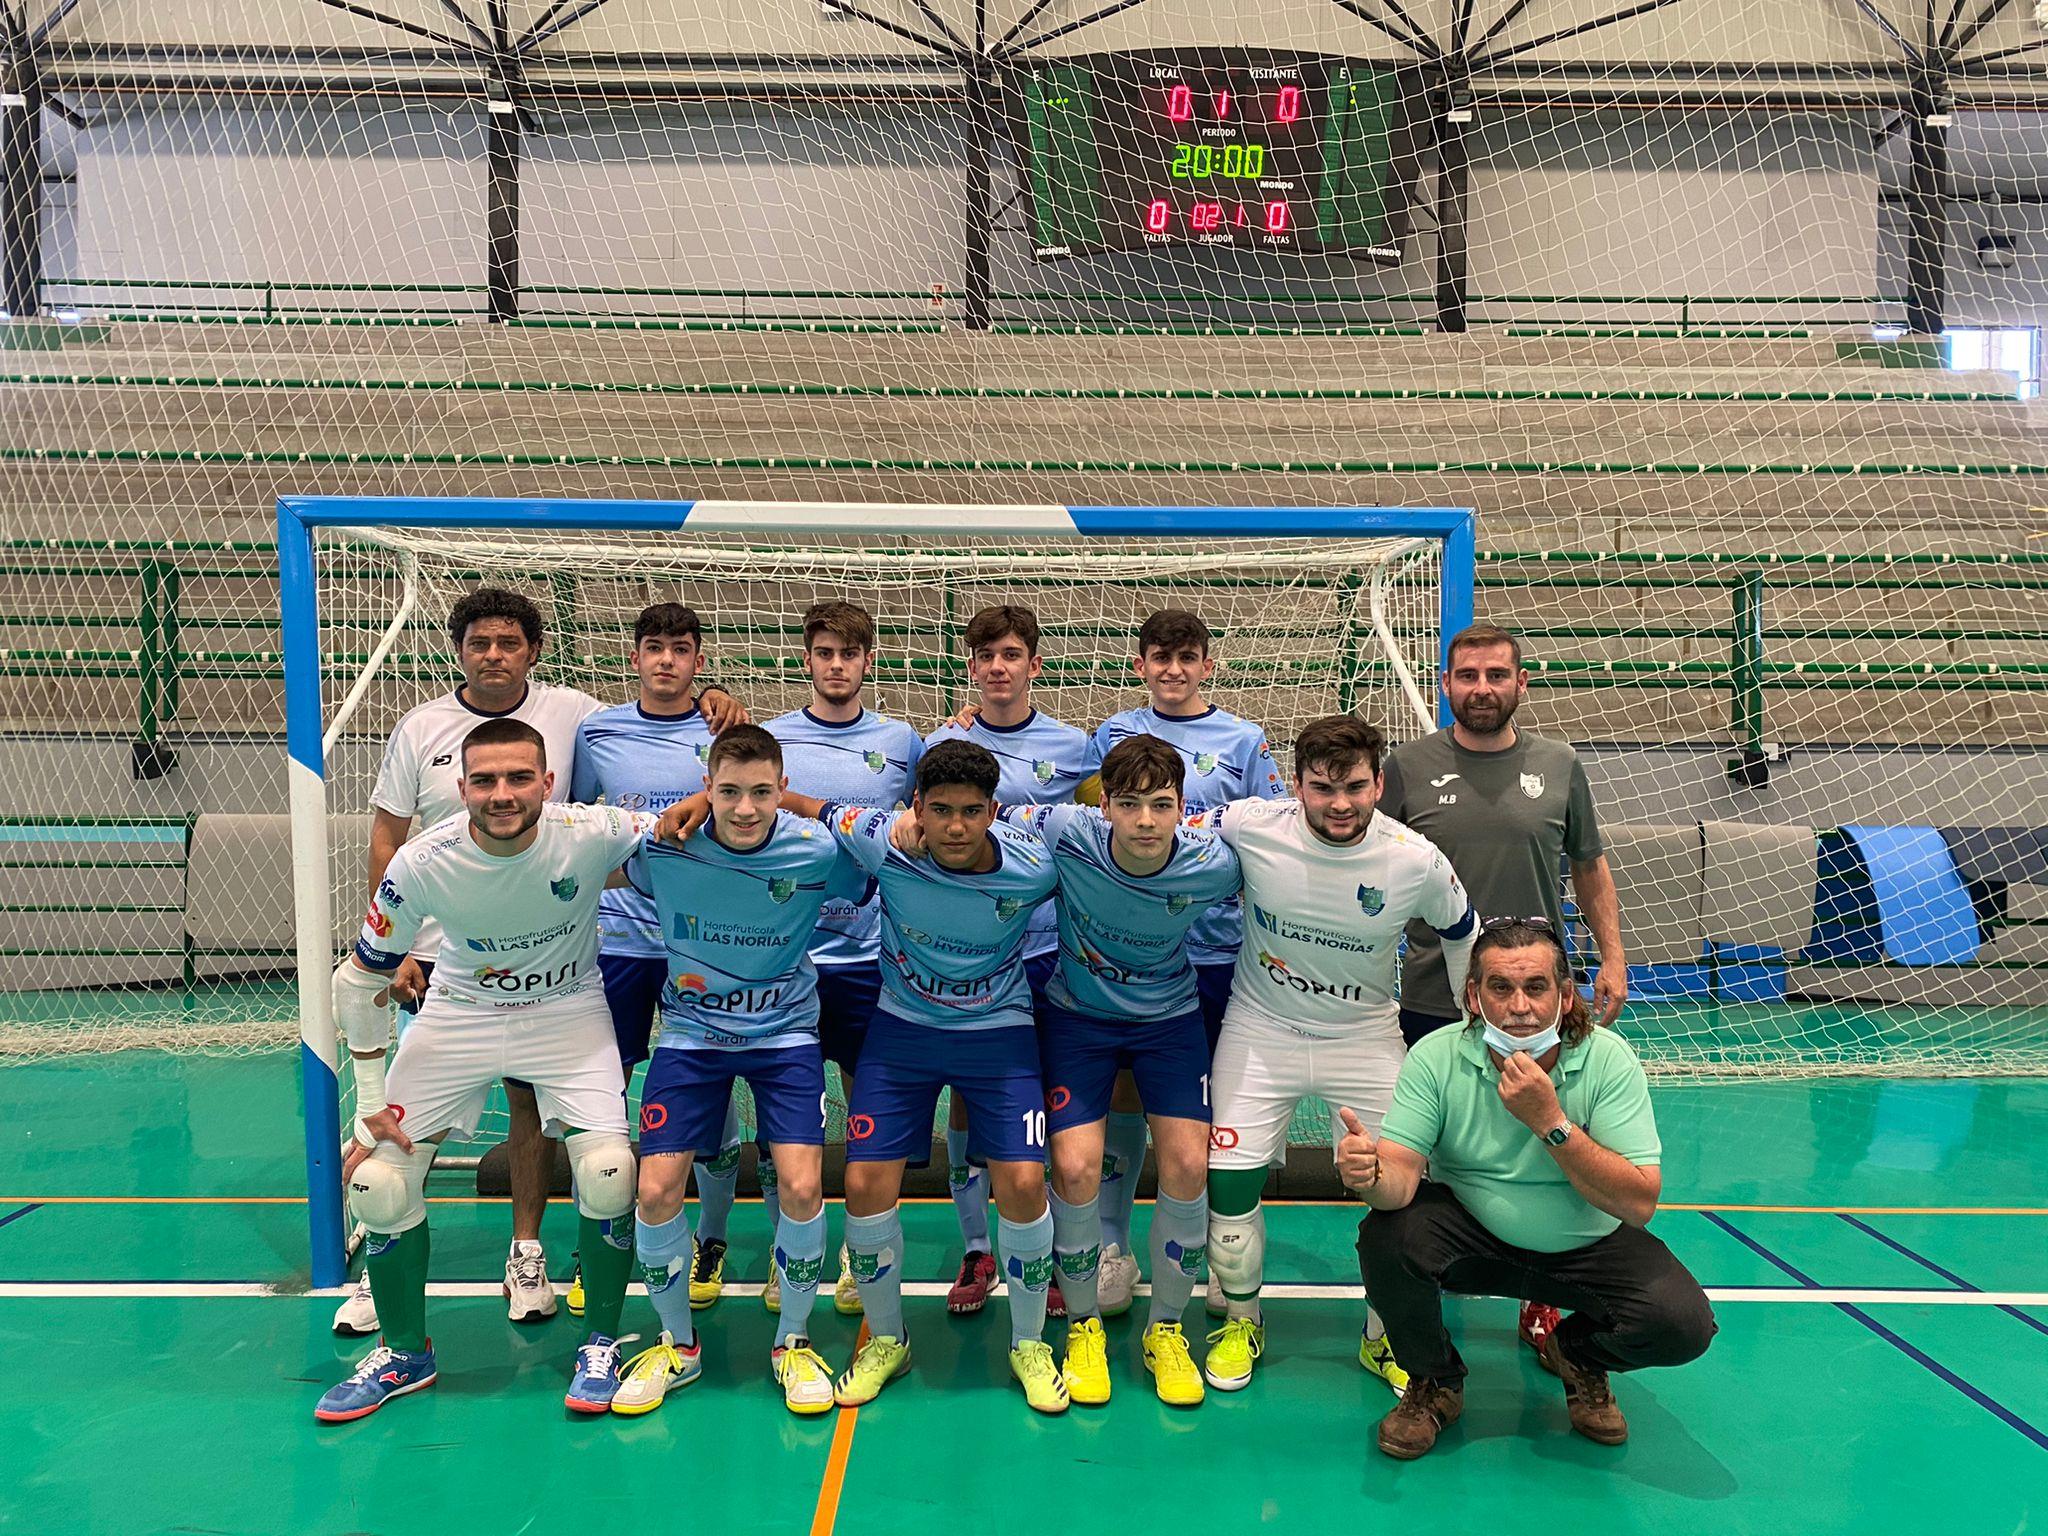 El Juvenil se impone 0-2 al Torremolinos